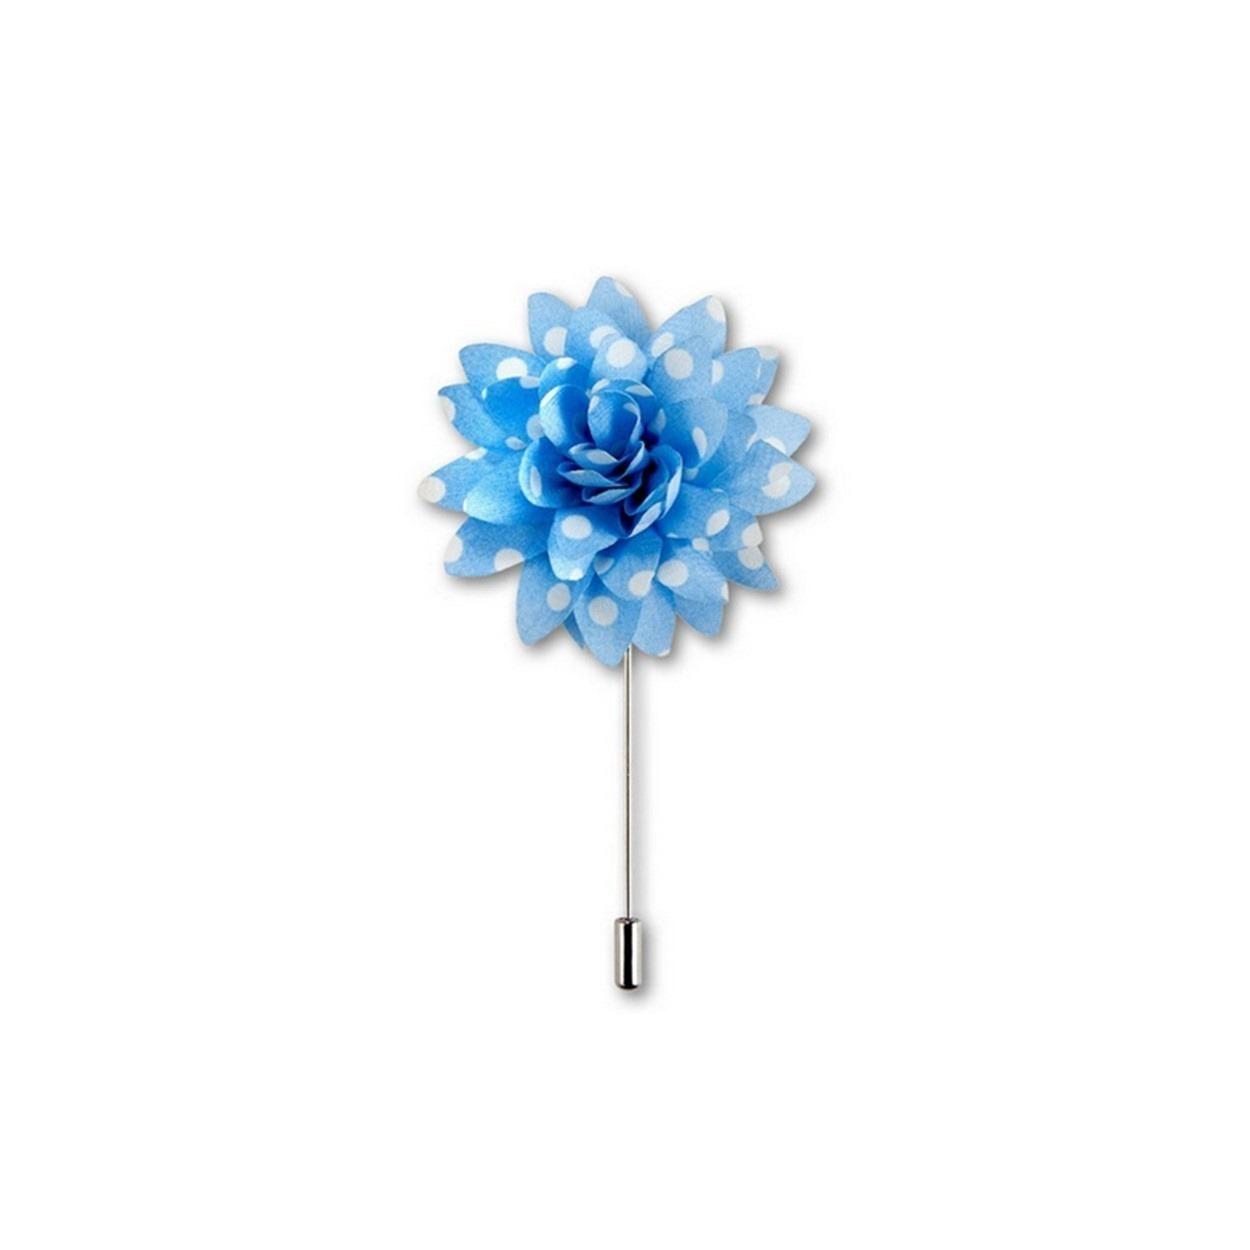 Světle modrá květina s bílými puntíky do klopy